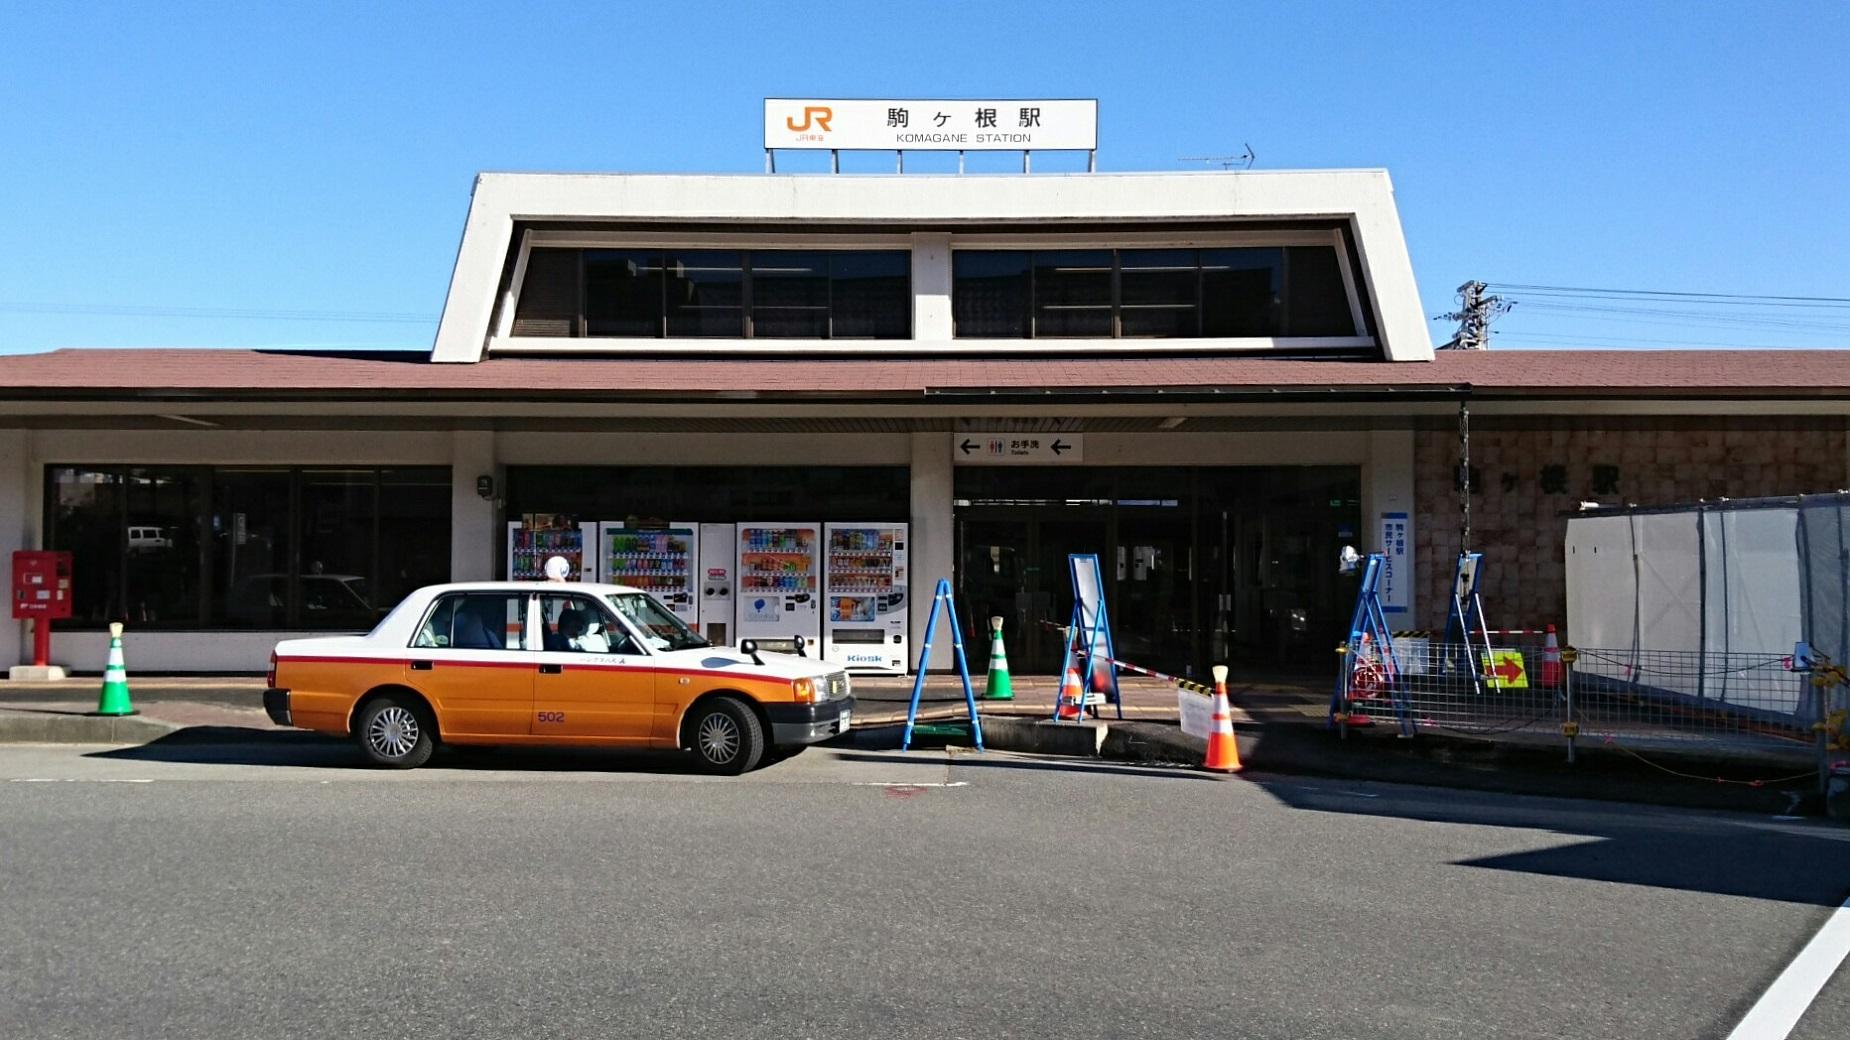 2019.1.24 (220) 駒ヶ根 - 駅舎 1850-1040